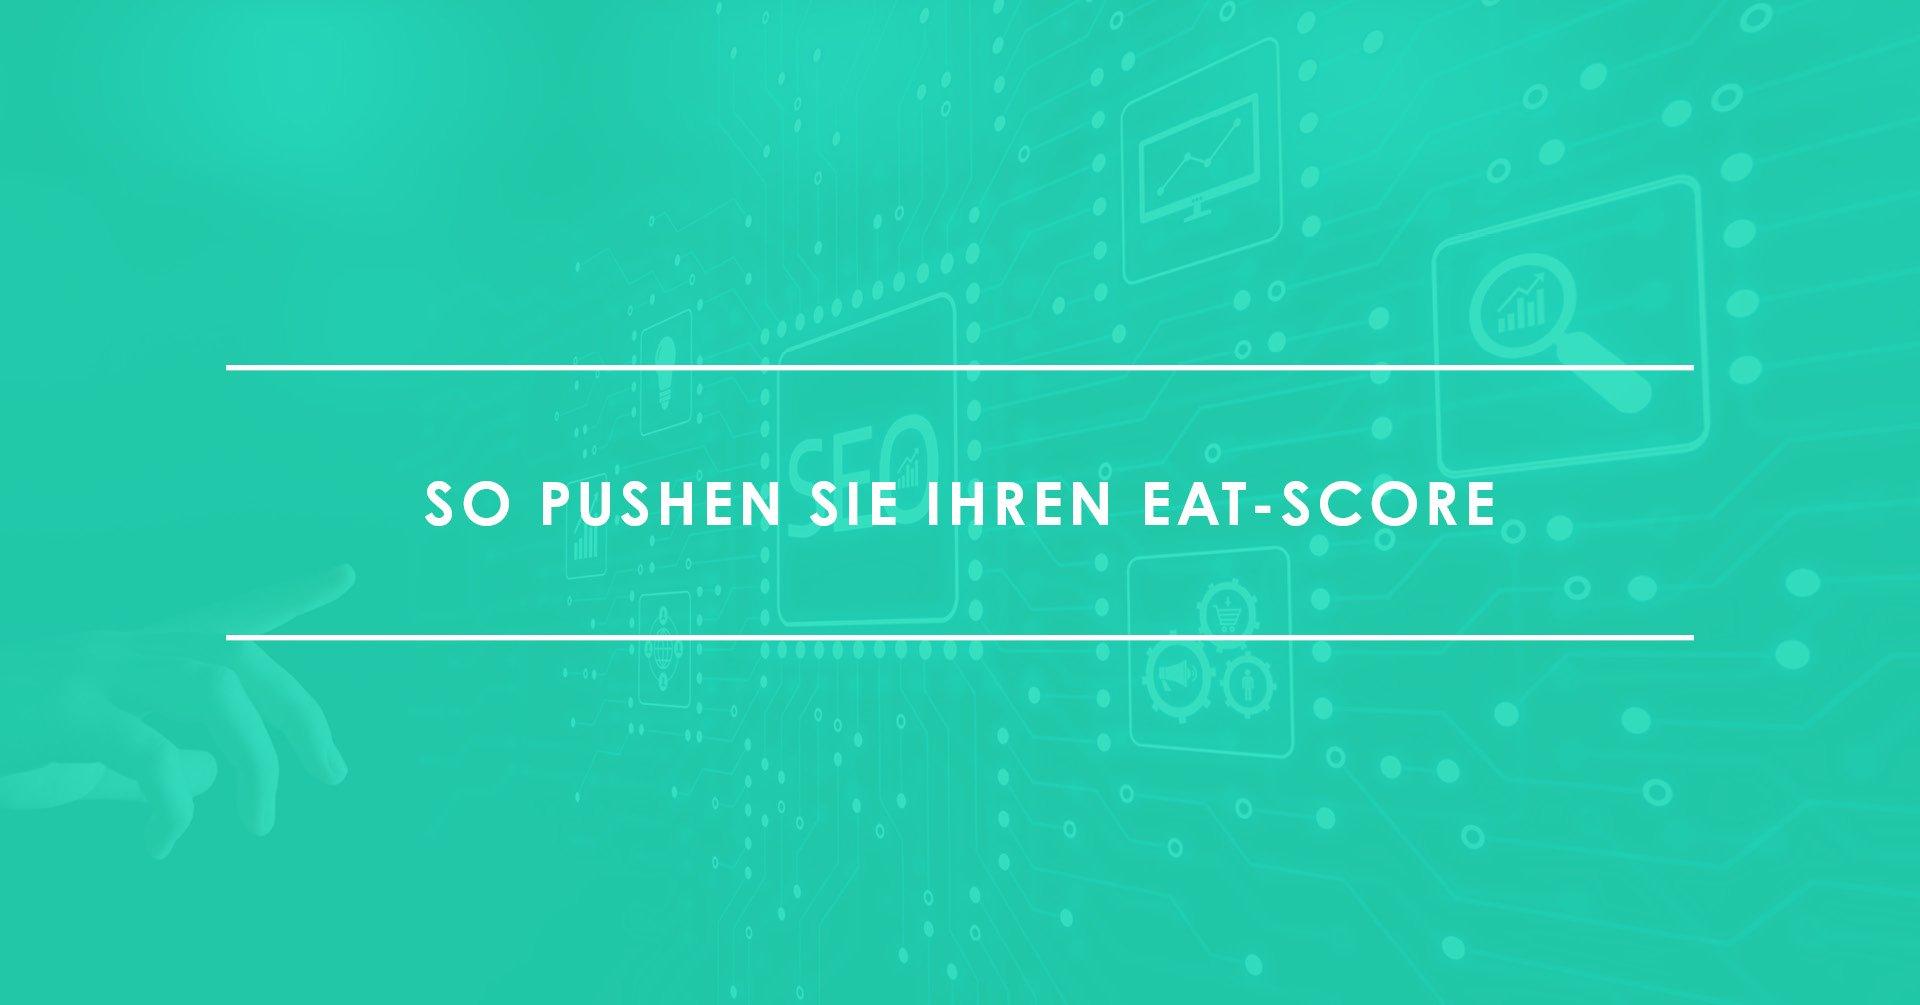 Mit diesen SEO-Maßnahmen pushen Sie Ihren EAT-Score